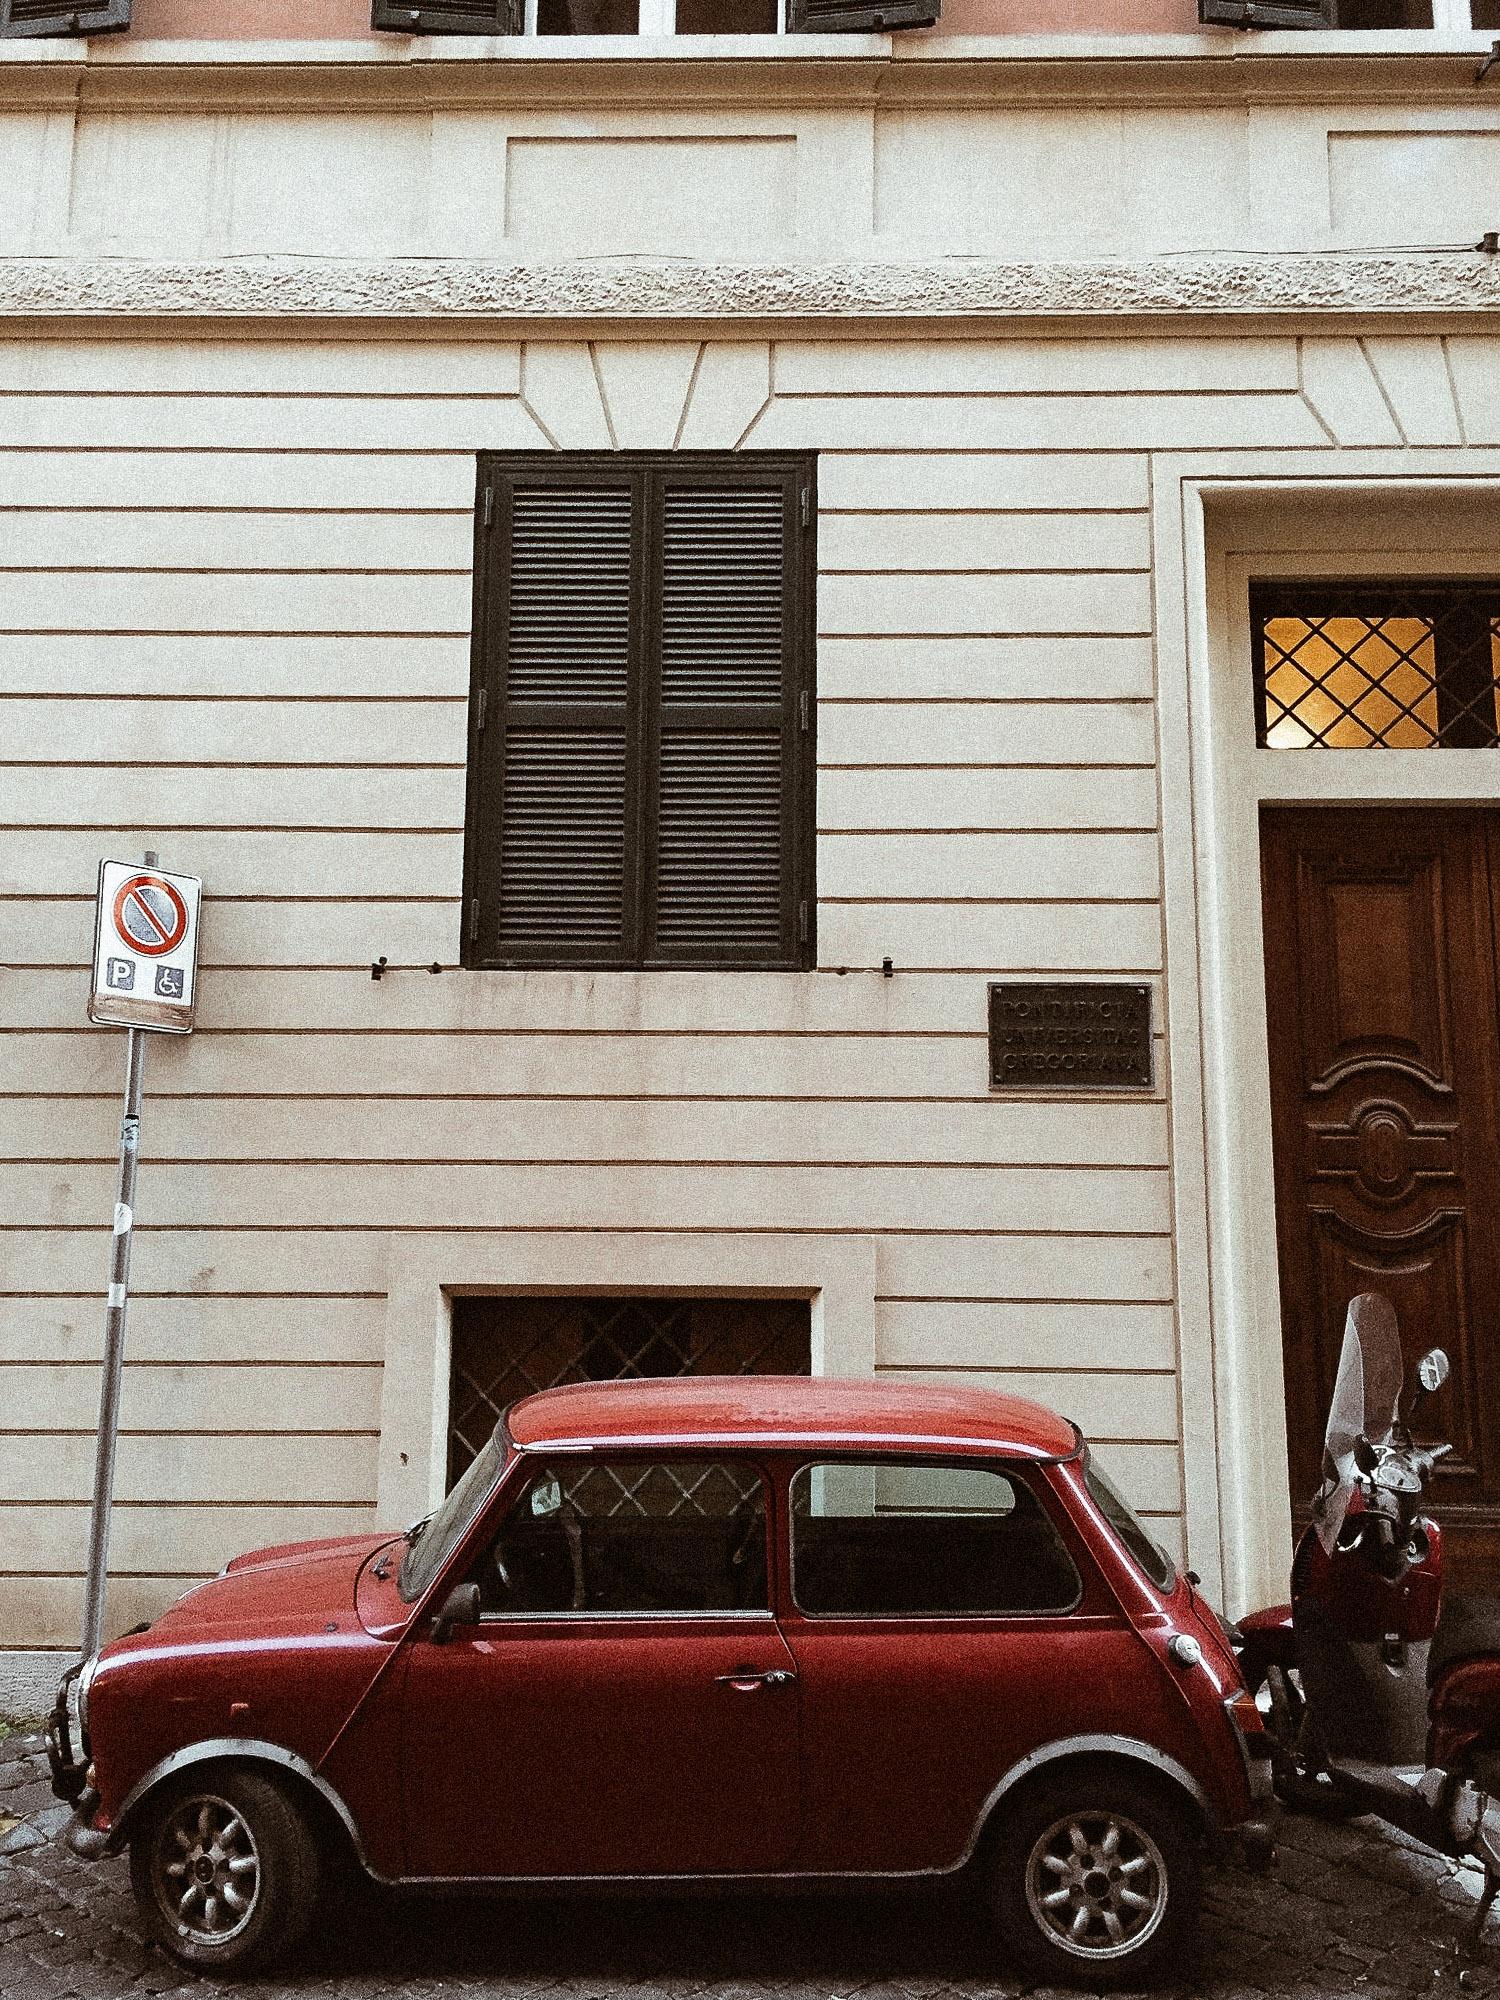 old car in Rome.jpg